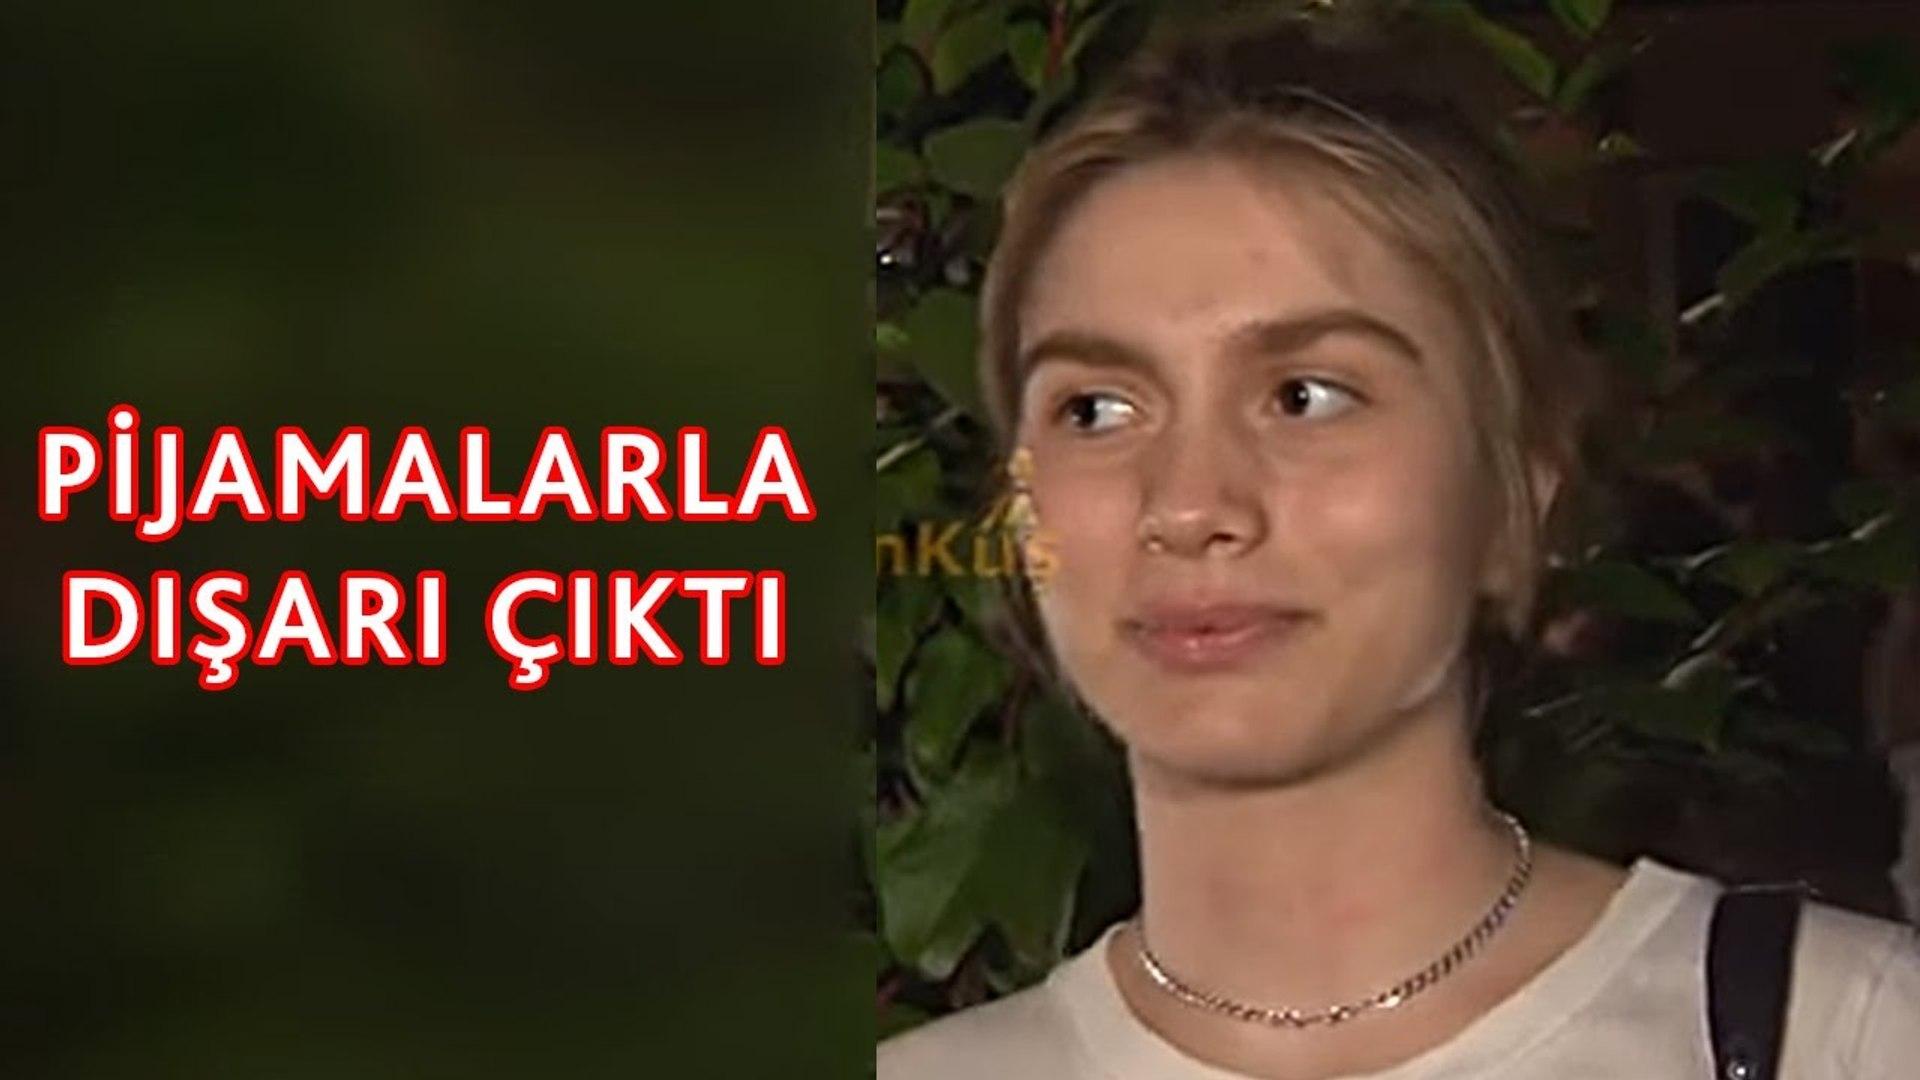 Aleyna Tilki'den Çağatay Akman yorumu! Önce Kavga Etti, Sonra Şarkı Verdi!